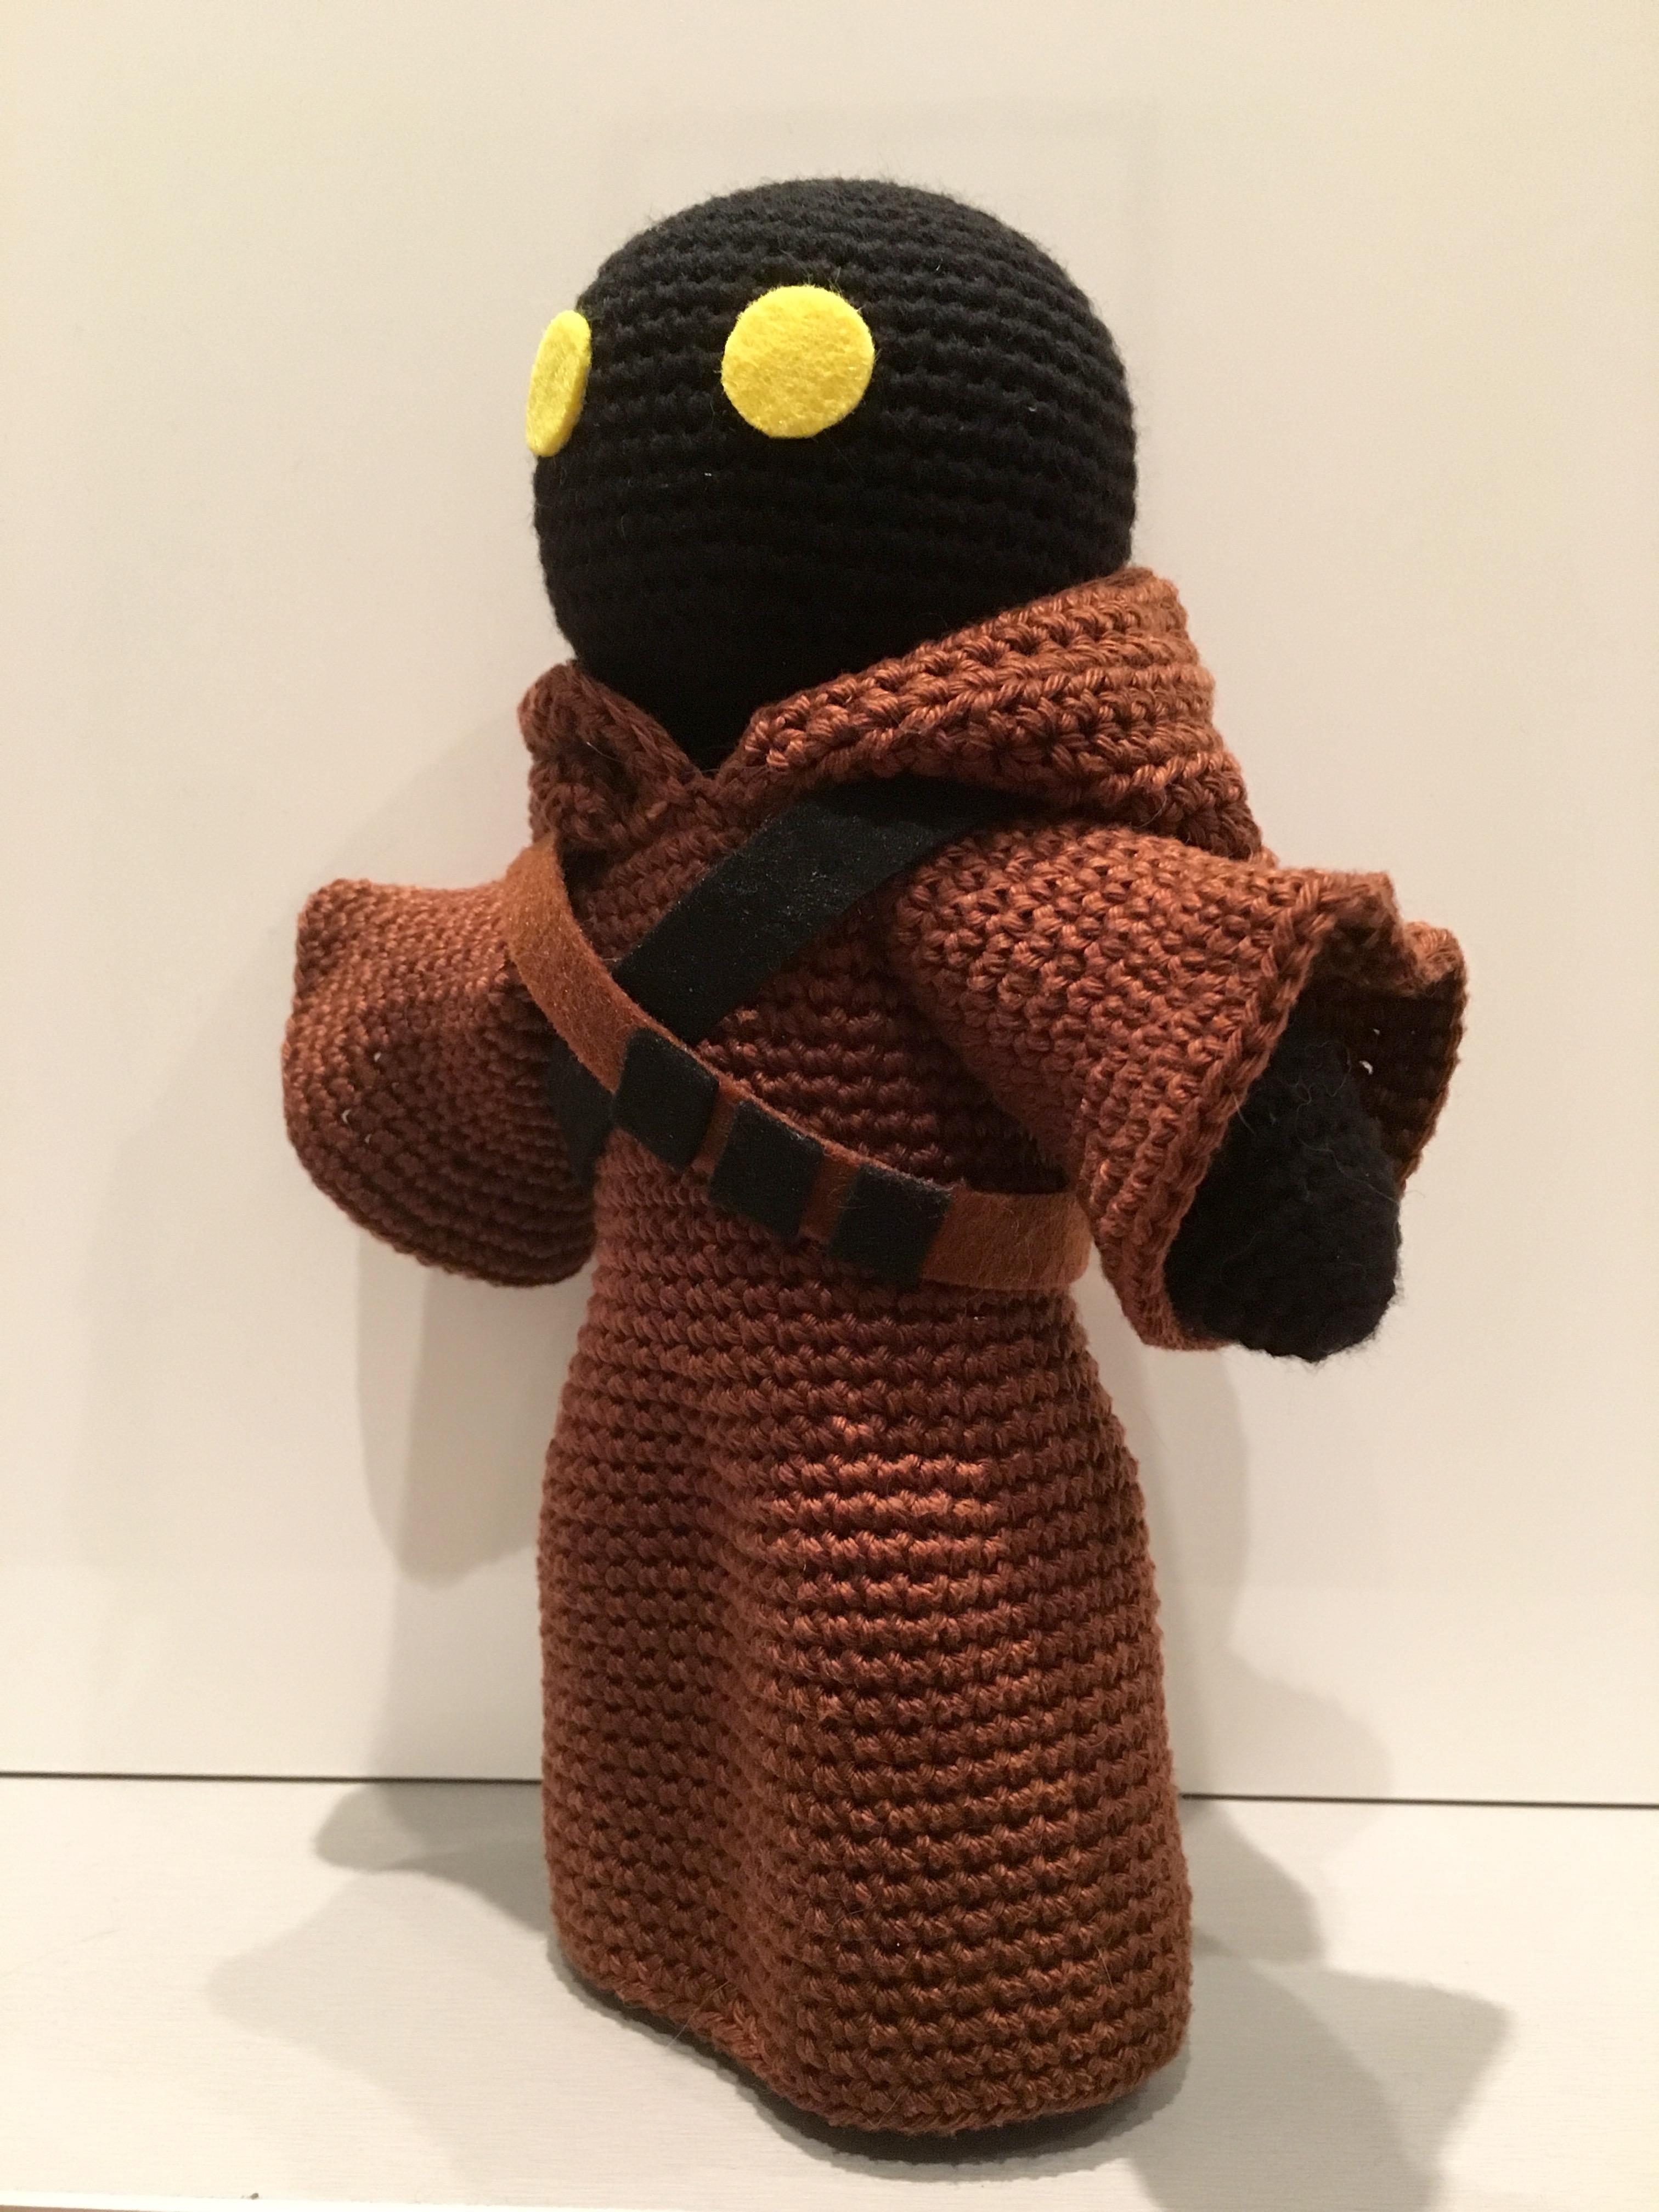 Jawa Crochet Amigurumi